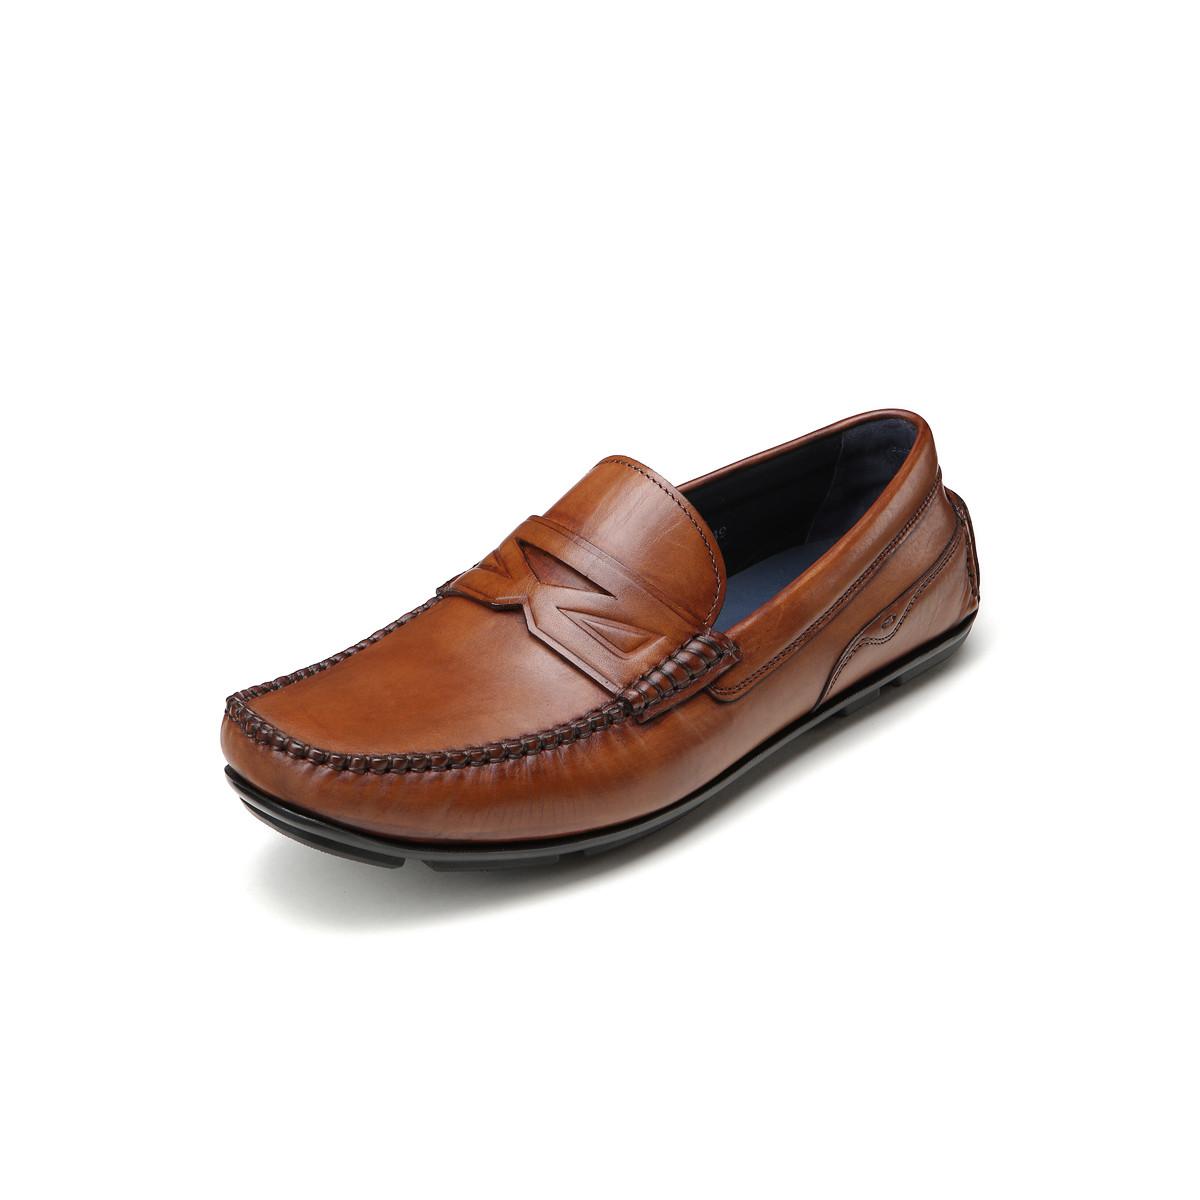 BOSSSUNWEN牛皮一脚蹬轻便男士商务皮鞋男皮鞋男鞋男士皮鞋男鞋31811012226449